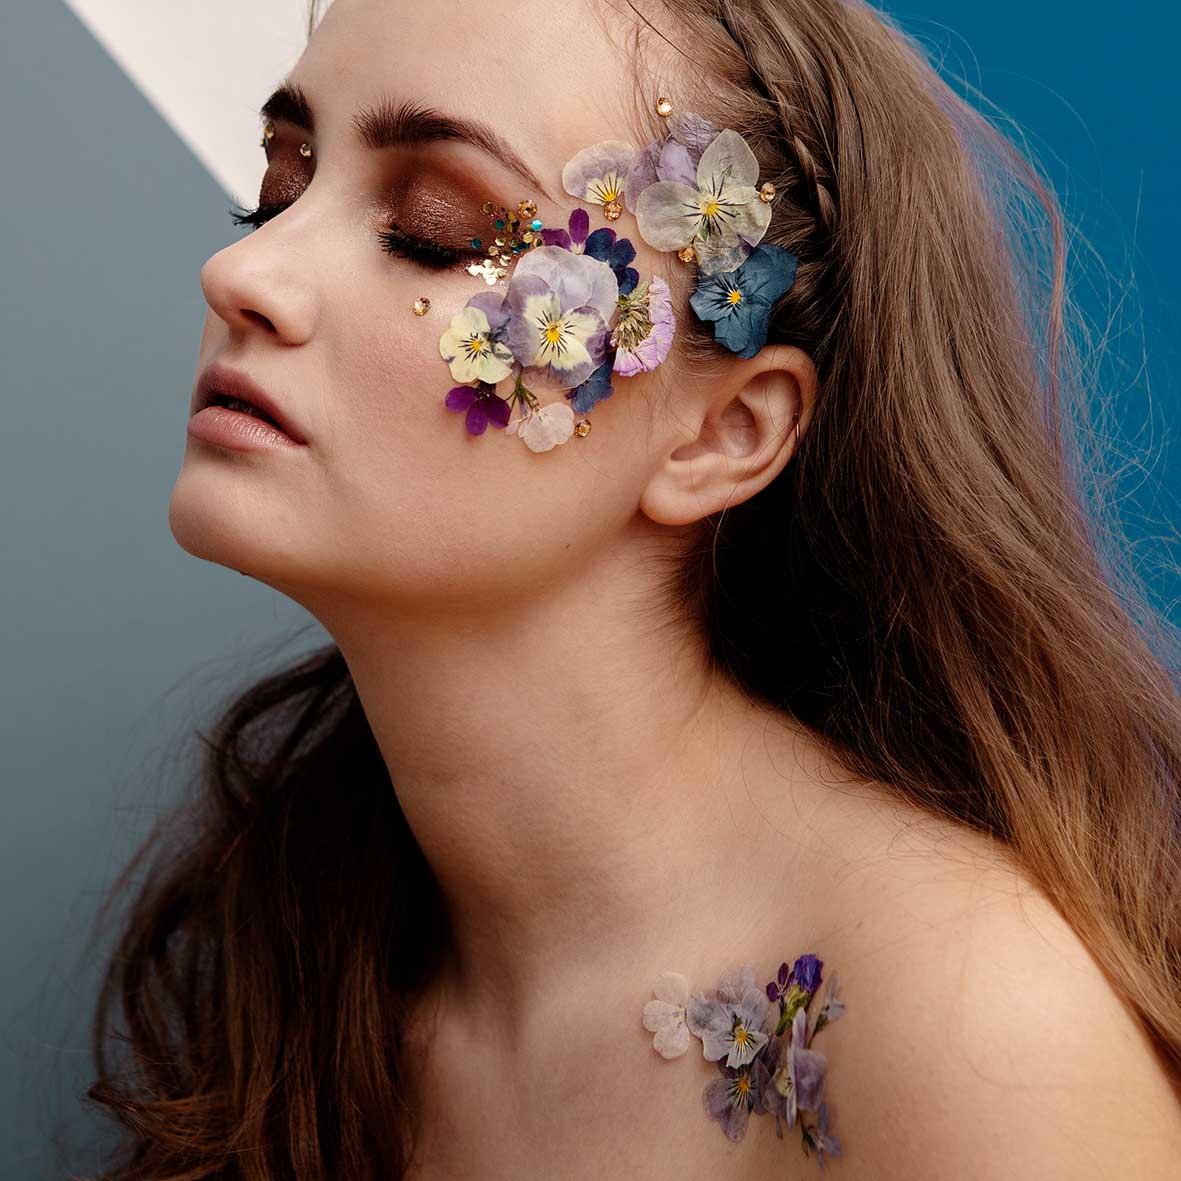 Face Florals - Etsitkö tapahtumaasi jotain uutta ja todella erikoista? Face Floralsit ovat aitoja prässättyjä kukkia, joilla saamme tehtyä käsittämättömän upeita luomuksia vieraittesi kasvoille. Näitäkin voi yhdistää gliltteriin :)Lisää infoa tai lookbookin voit tilata täältä!